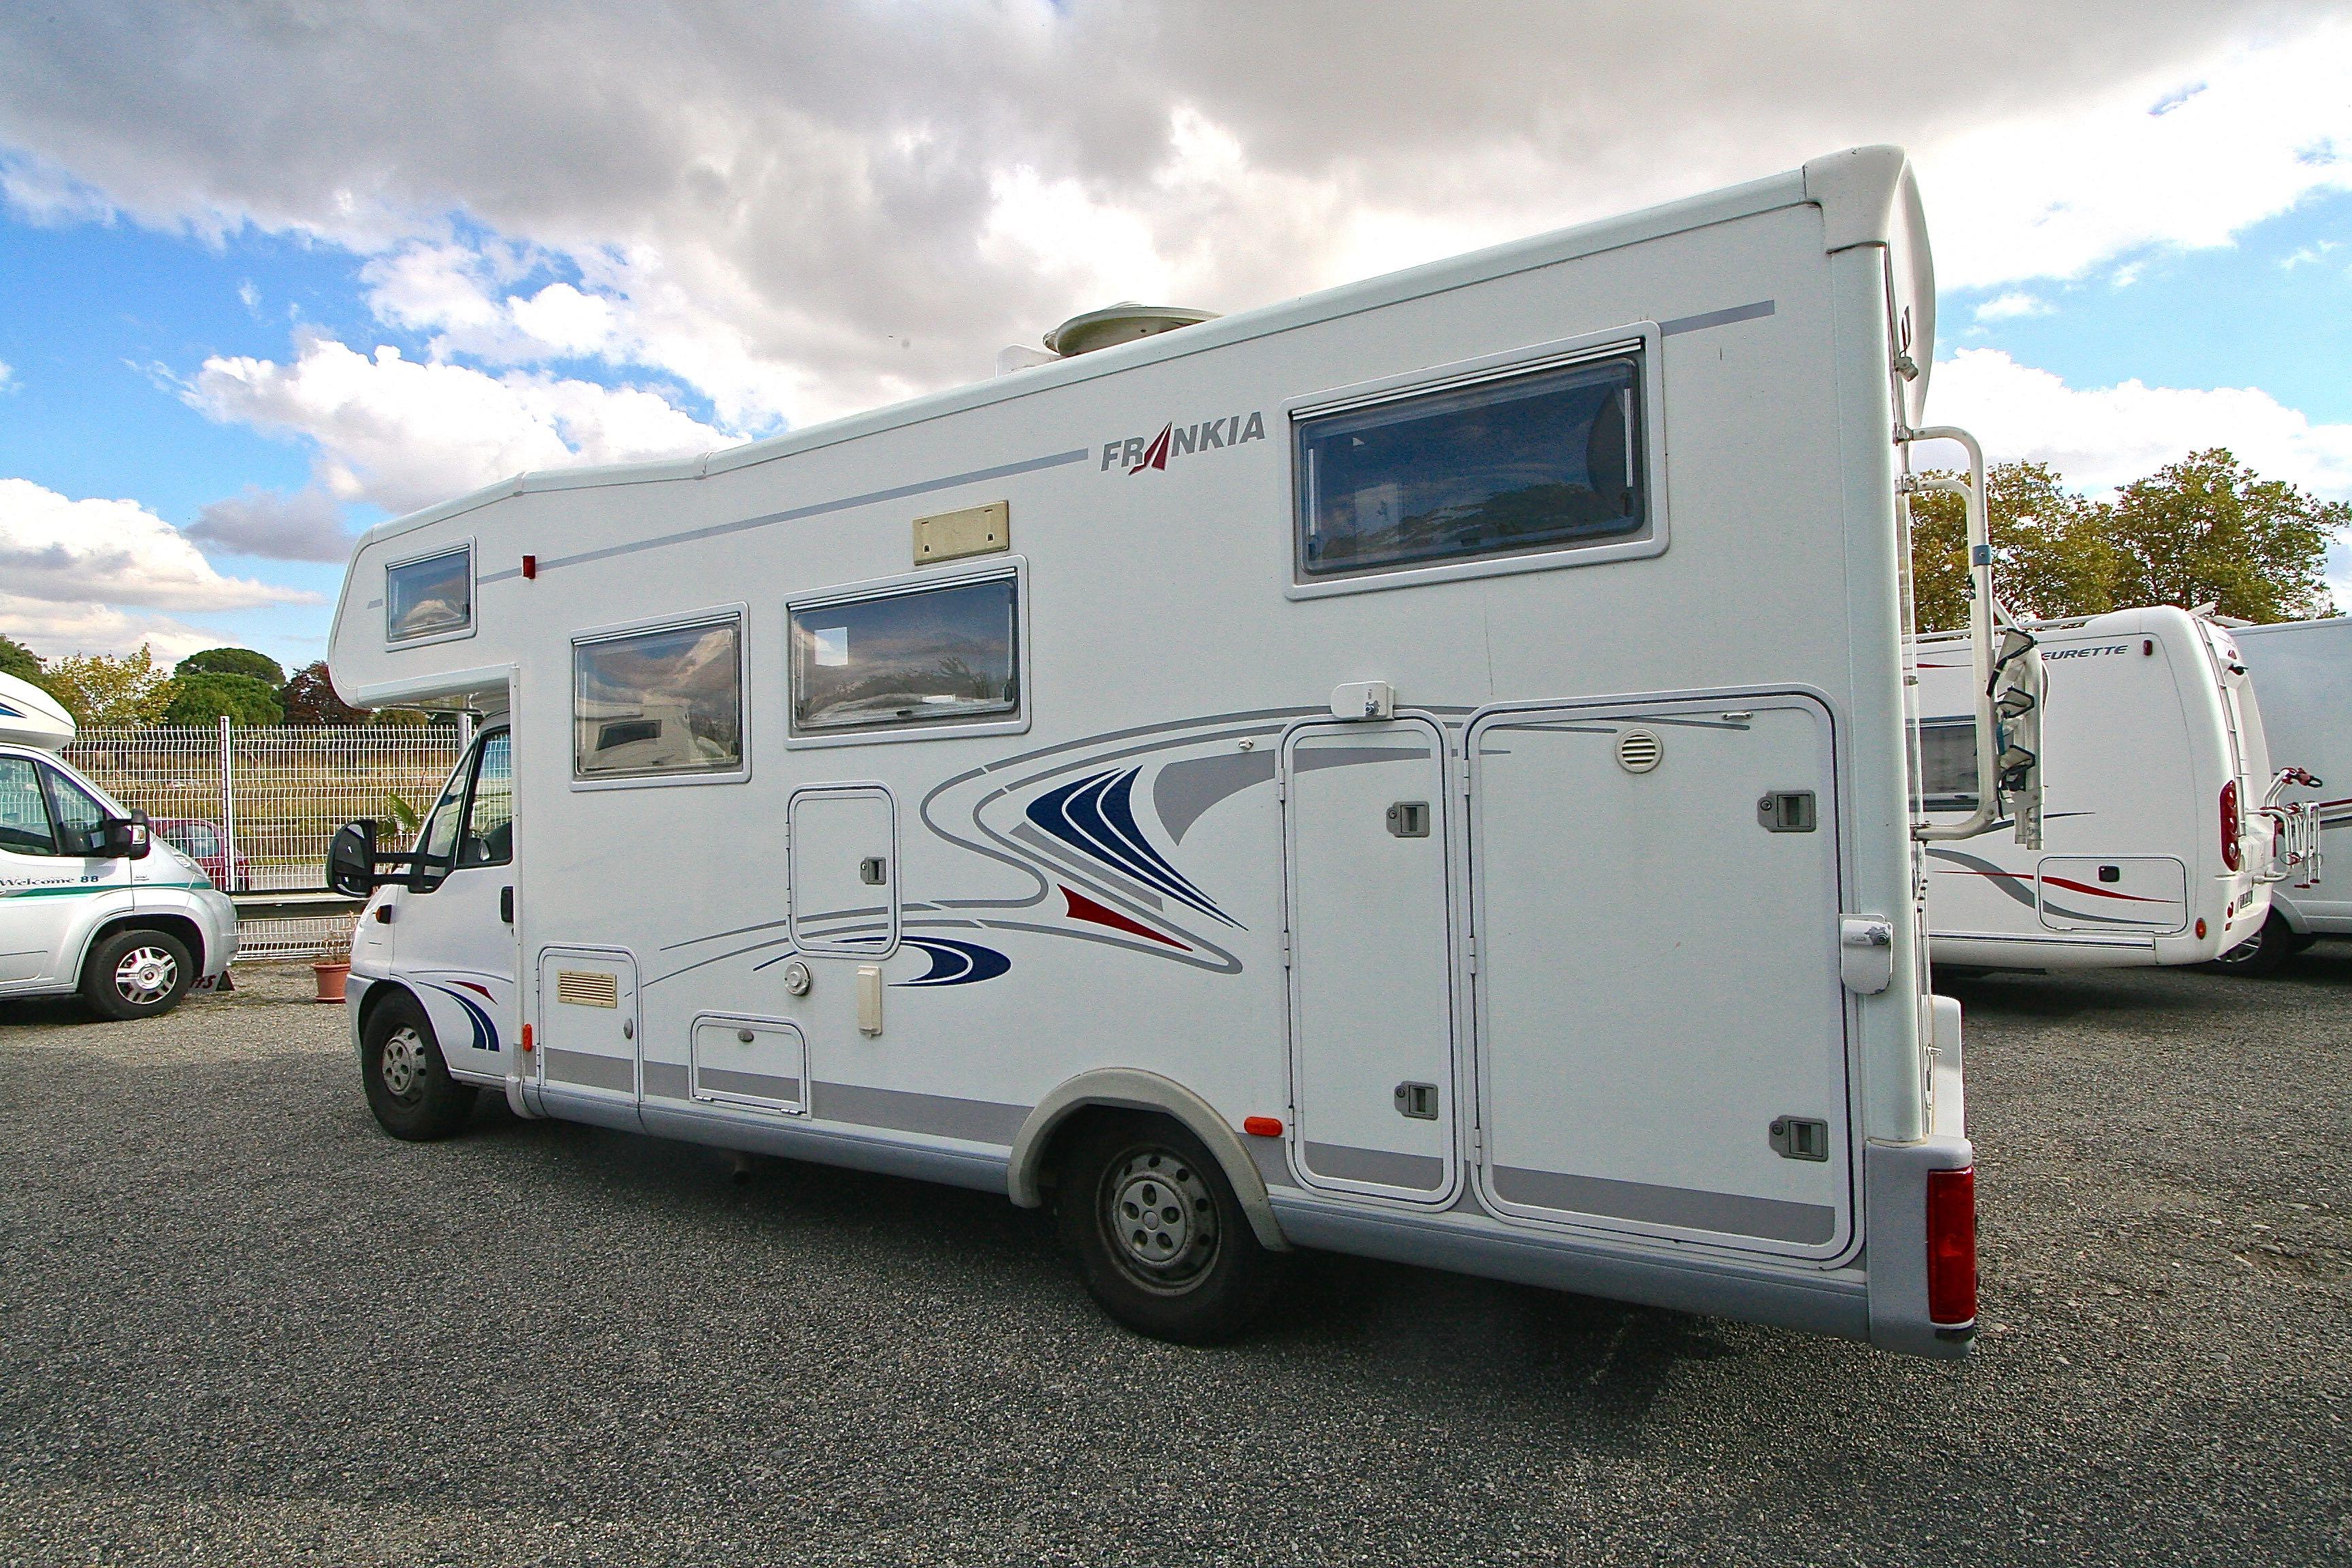 frankia a 700 occasion fiat camping car en vente roques sur garonne haute garonne 31. Black Bedroom Furniture Sets. Home Design Ideas